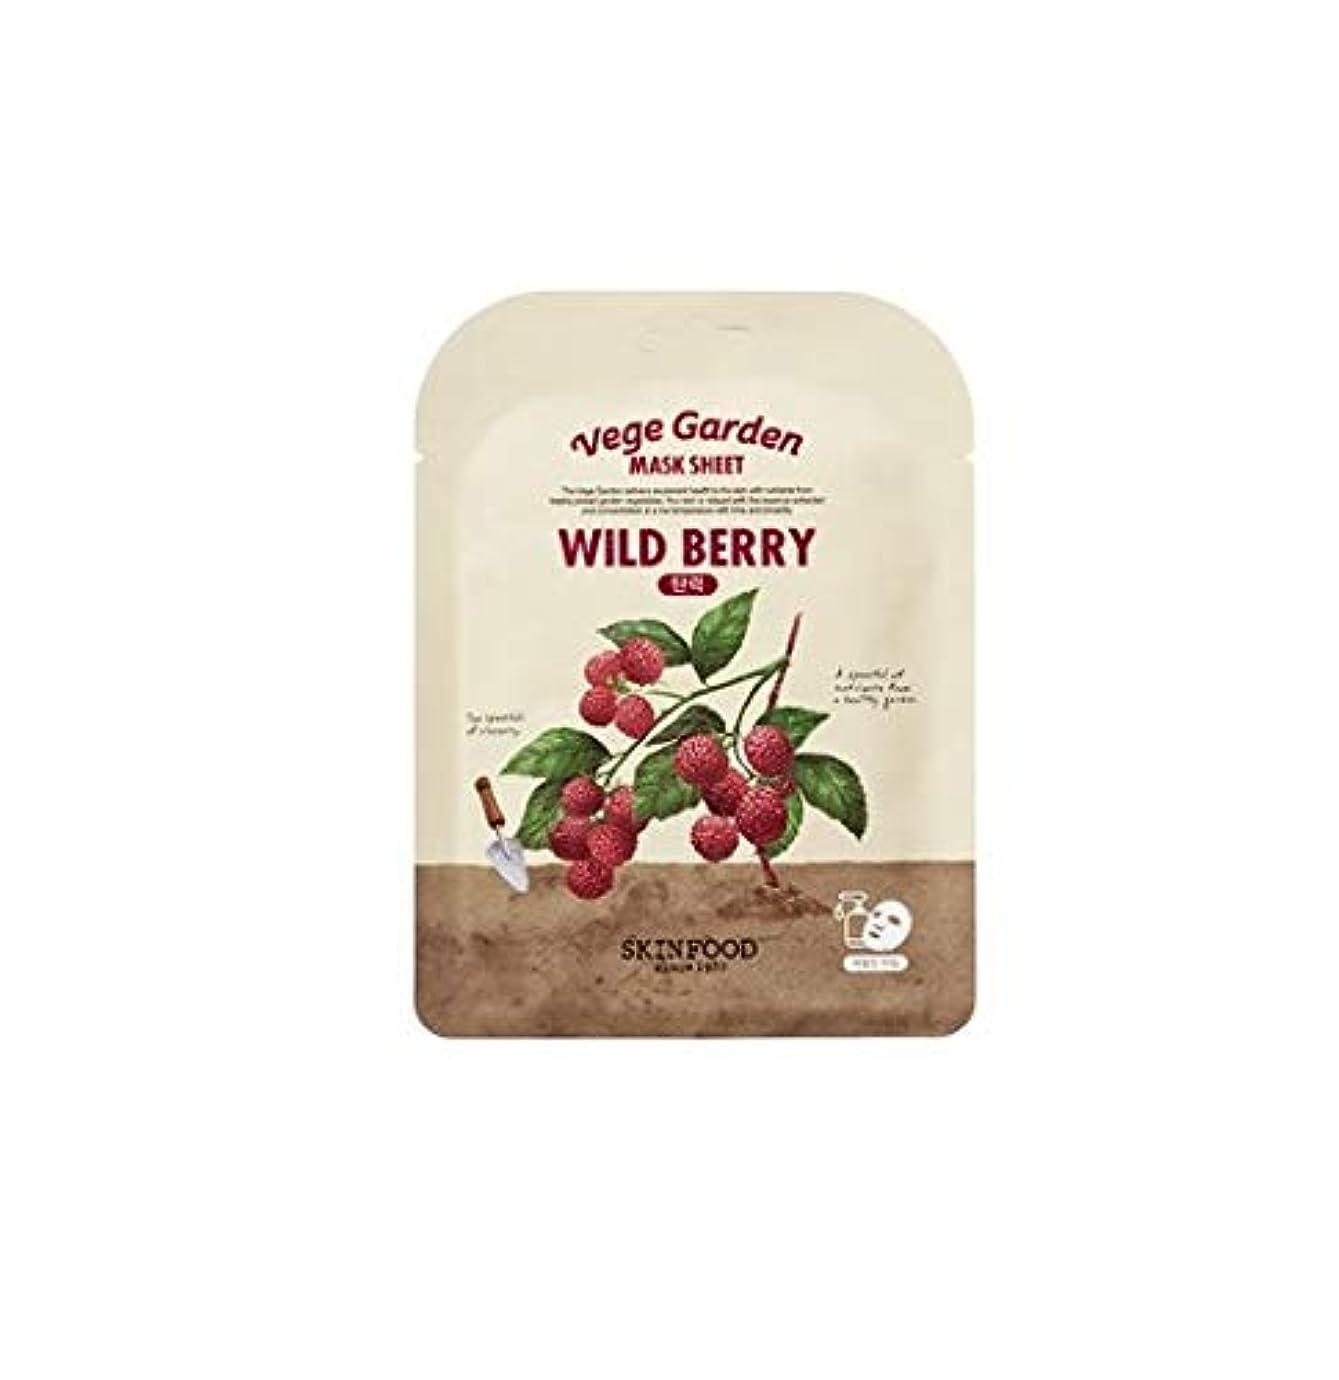 到着する下威信Skinfood ベジガーデンマスクシート#ラズベリー* 10ea / Vege Garden Mask Sheet#raspberry *10ea 20ml*10 [並行輸入品]